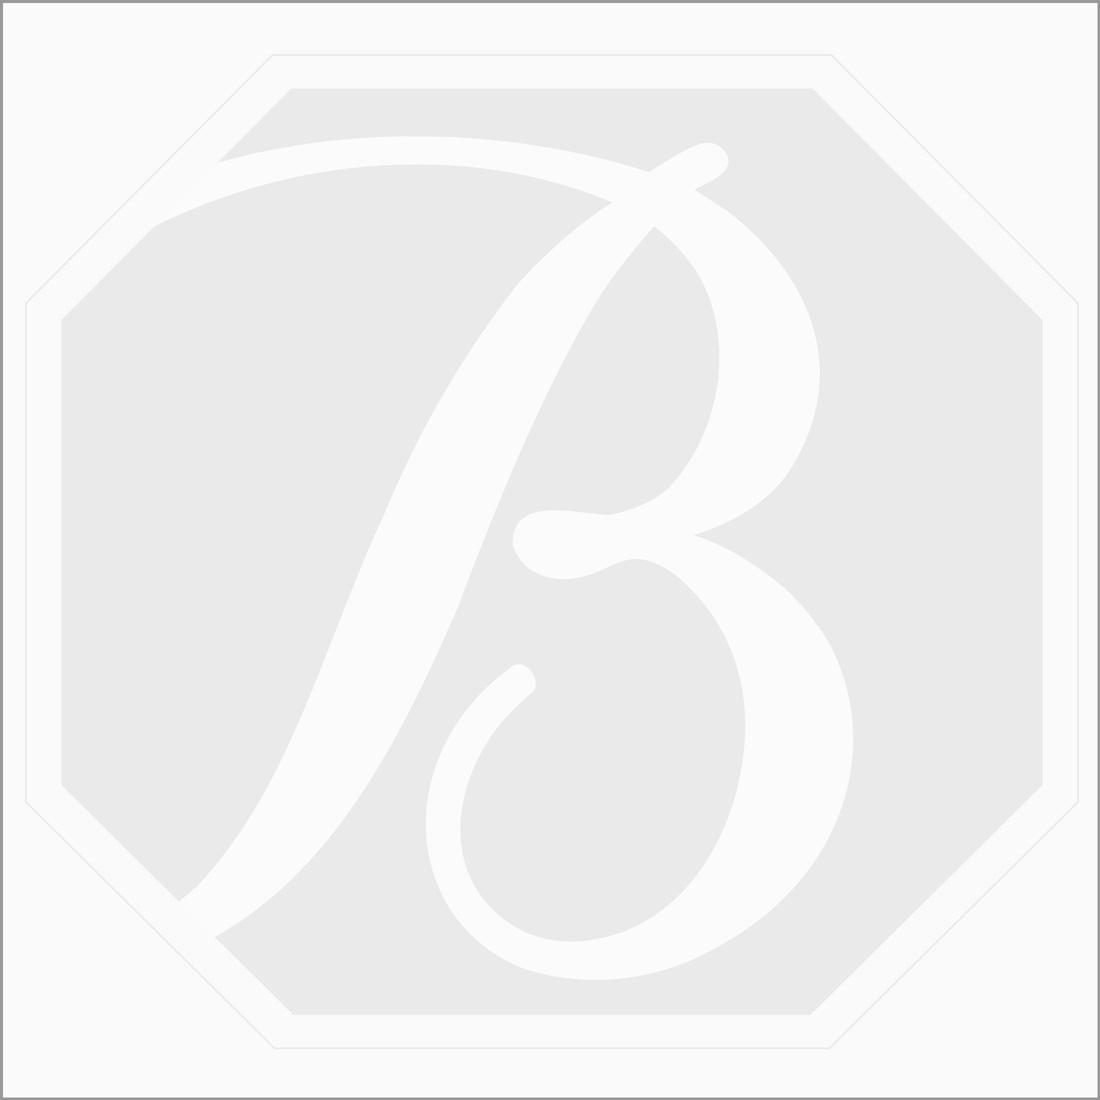 8 Pcs - 36.07 ct. - Green Tourmaline Rose Cut -14.8 x 9.7 x 3.1 mm to 21.9 x 9.2 x 3.2 mm (TRC1100)